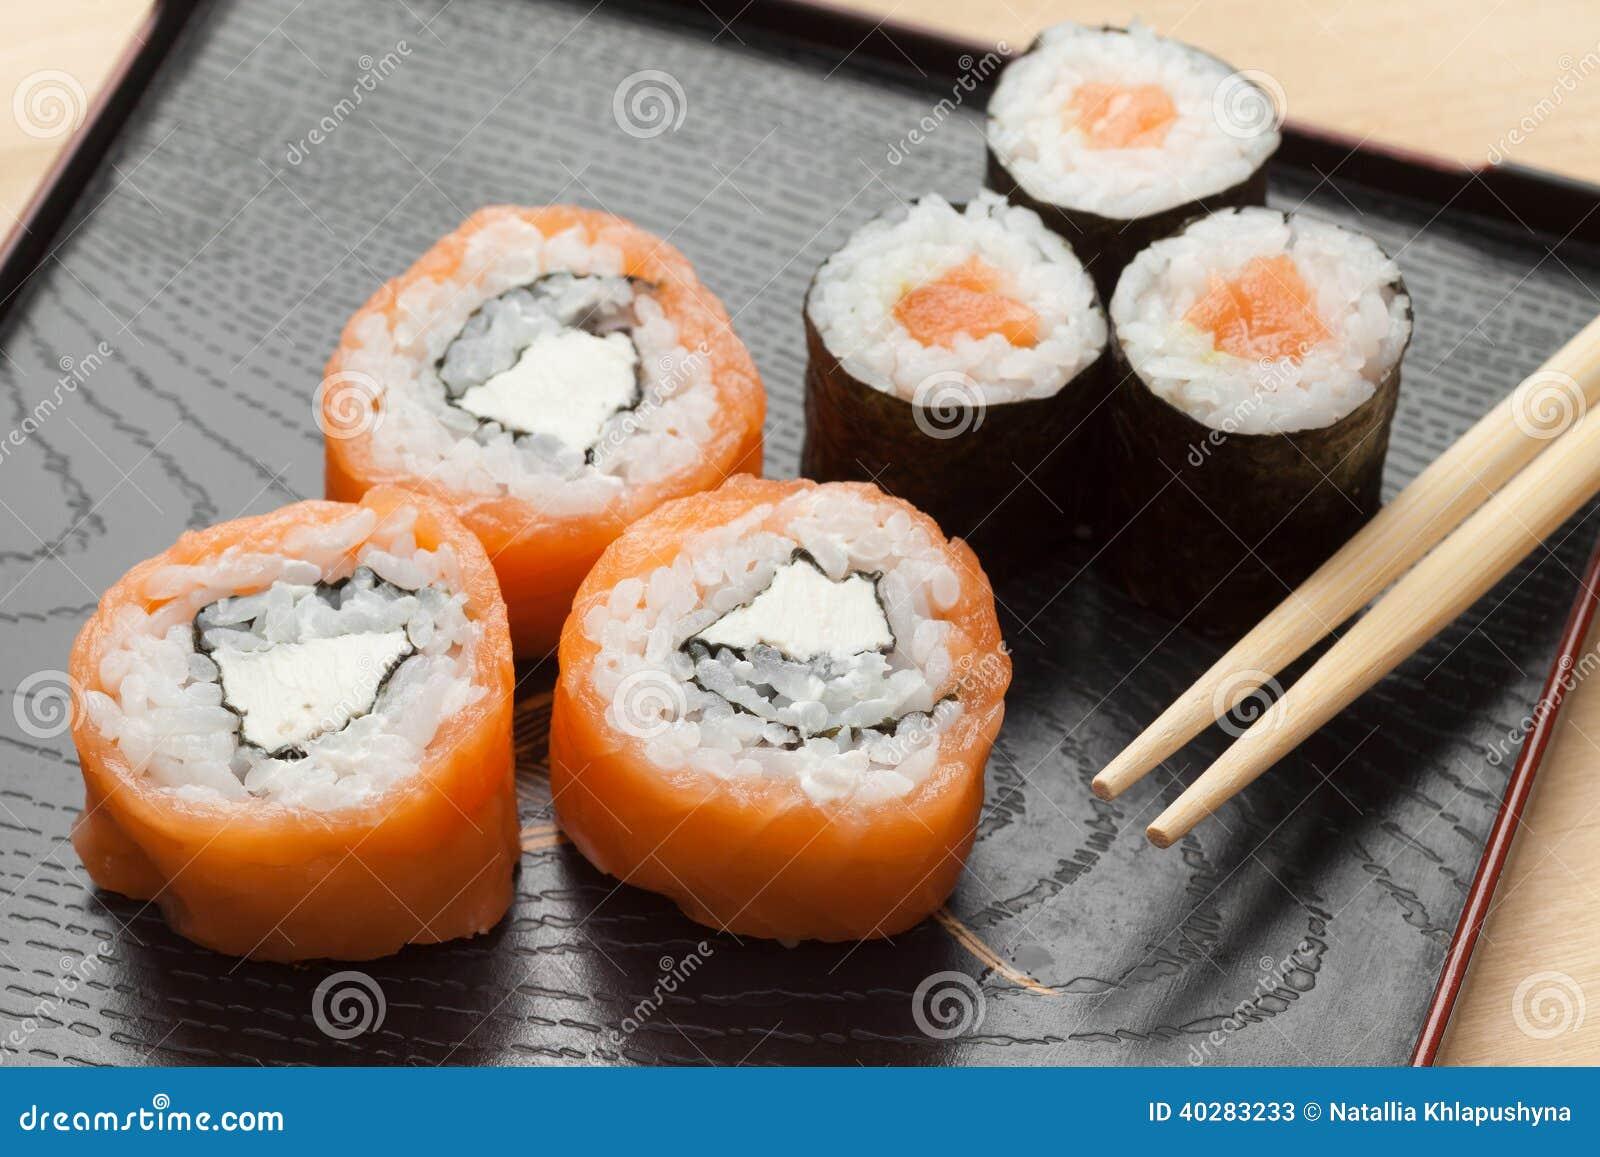 Суши с палочками